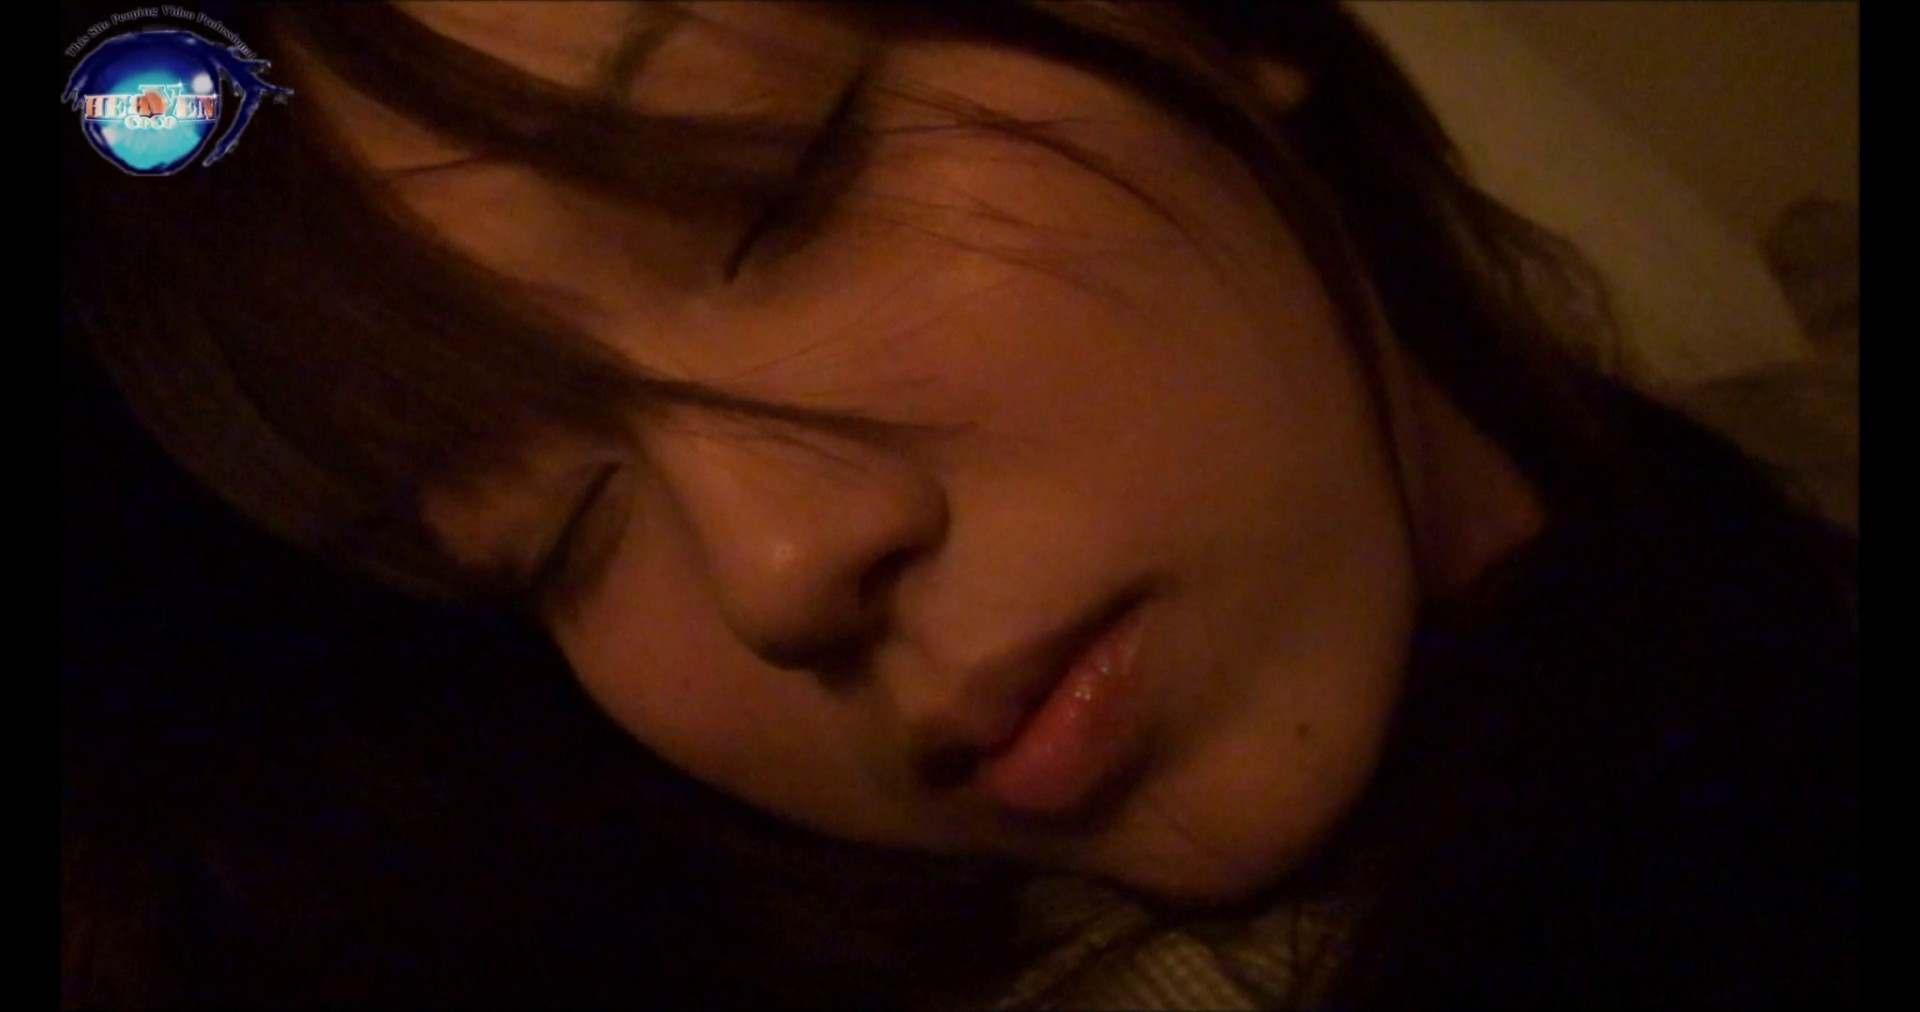 睡魔 シュウライ 第五弐話 前編 下半身  65PICs 21